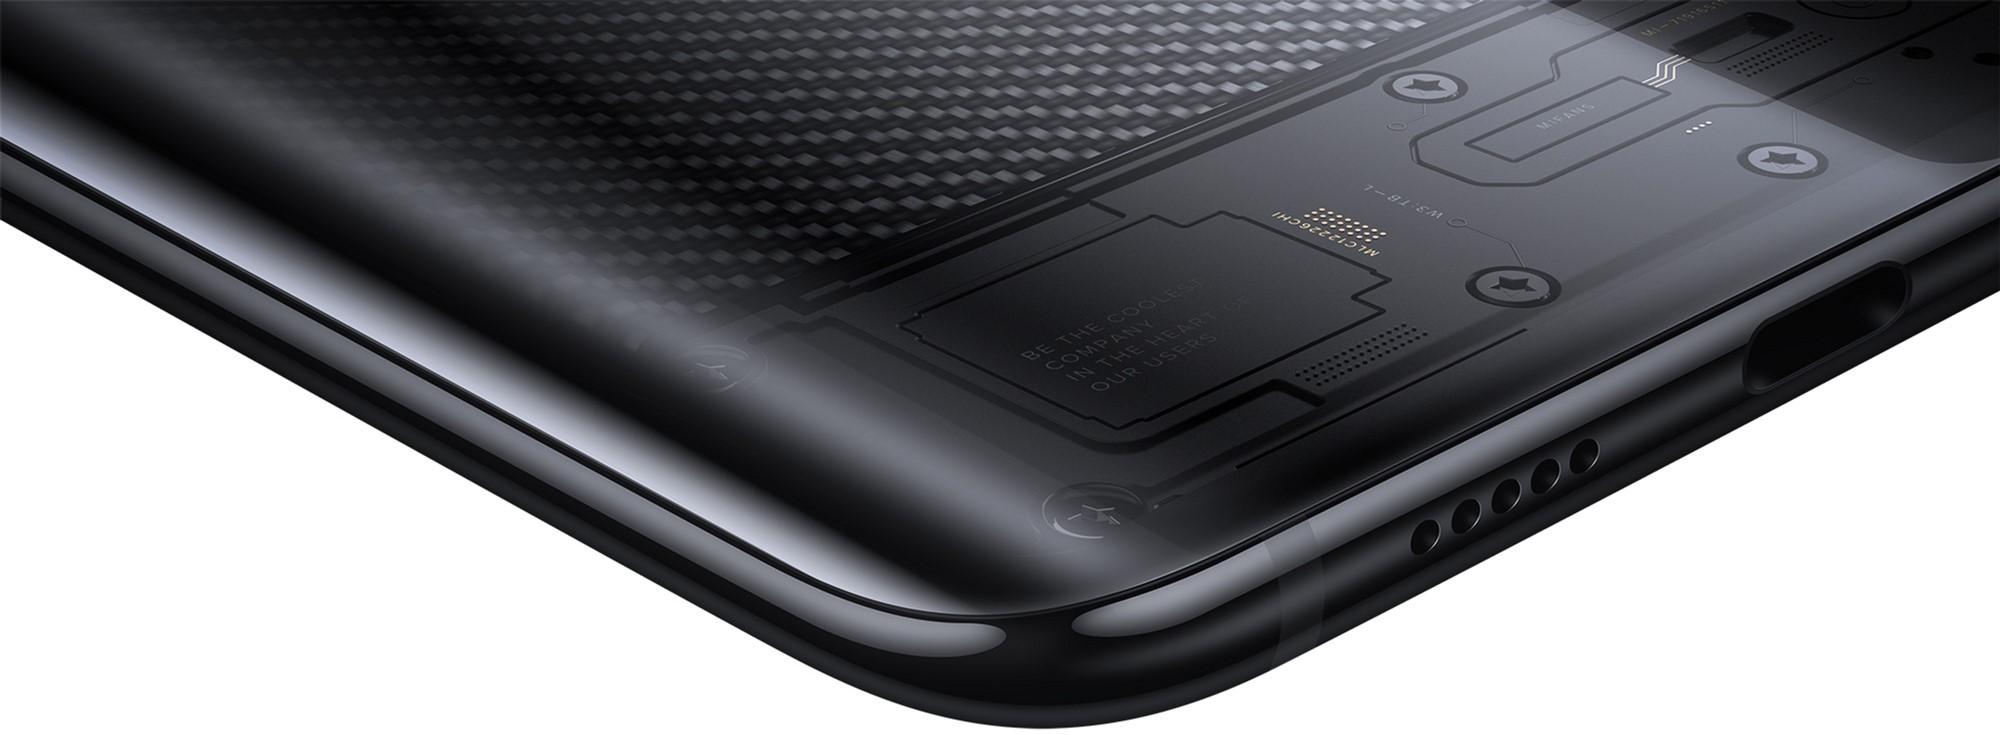 Внизу смартфона находится разъем формата USB Type-C, а также динамик, спрятанный за решеткой